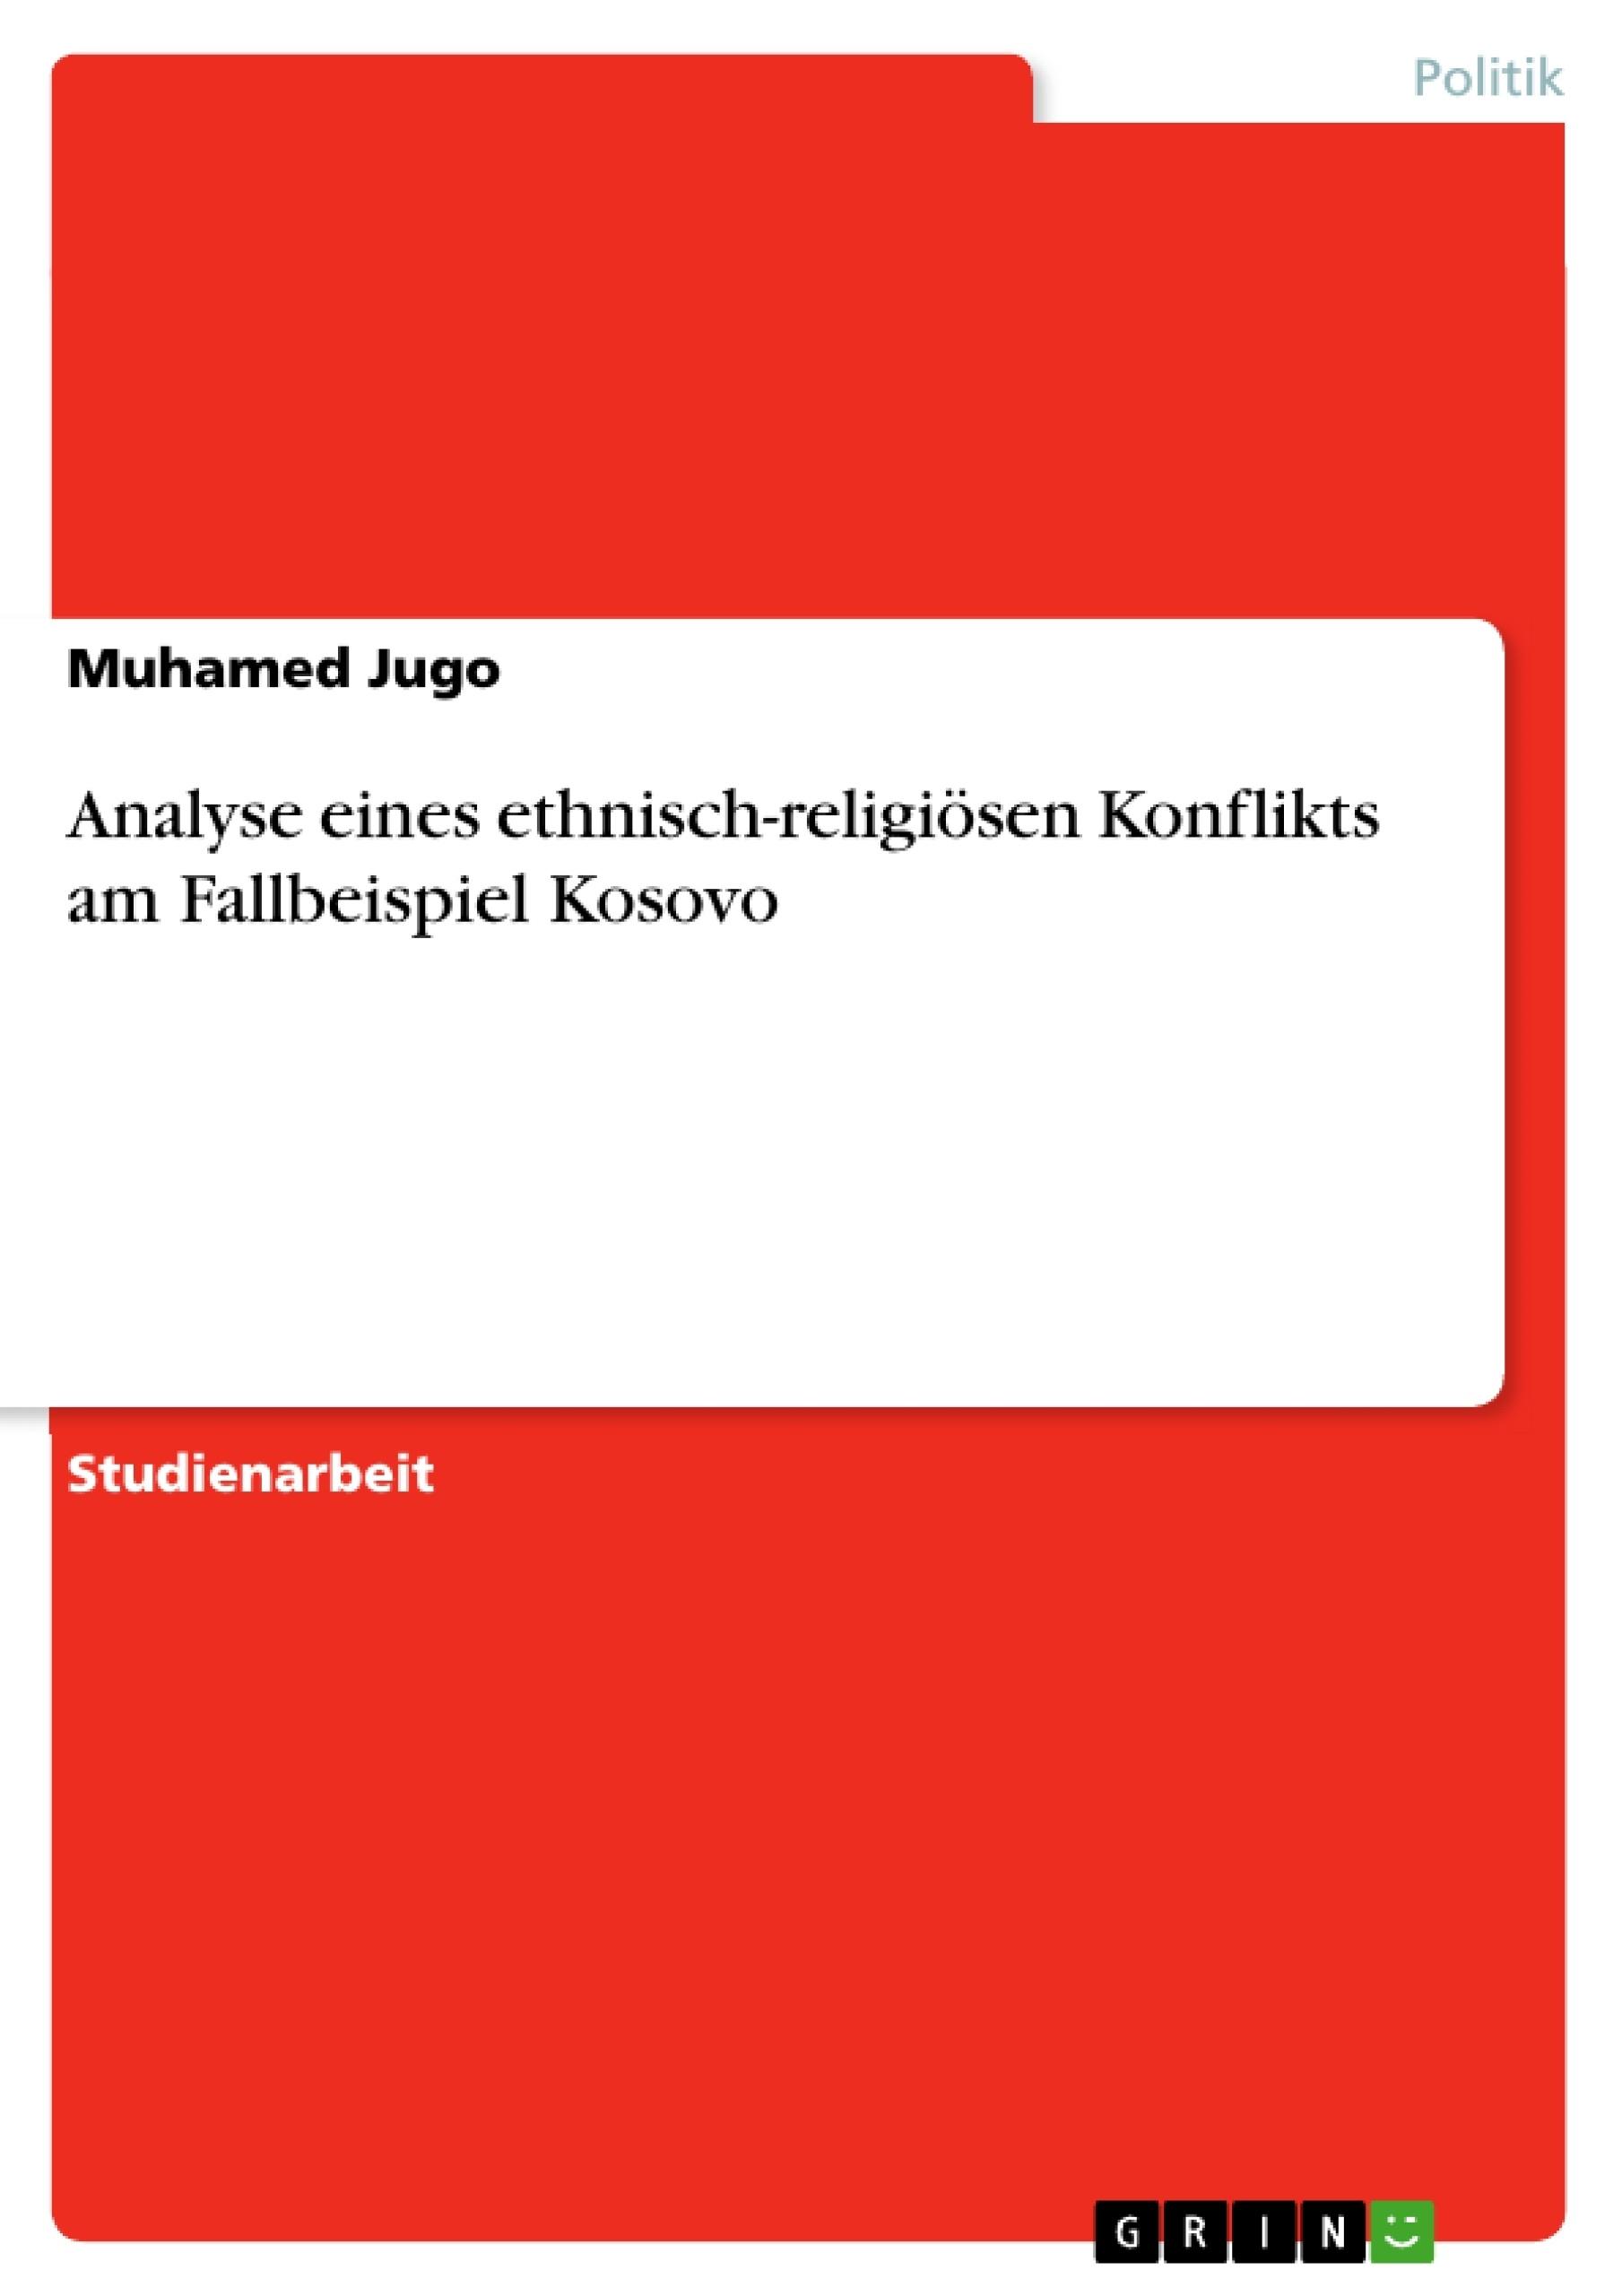 Titel: Analyse eines ethnisch-religiösen Konflikts am Fallbeispiel Kosovo